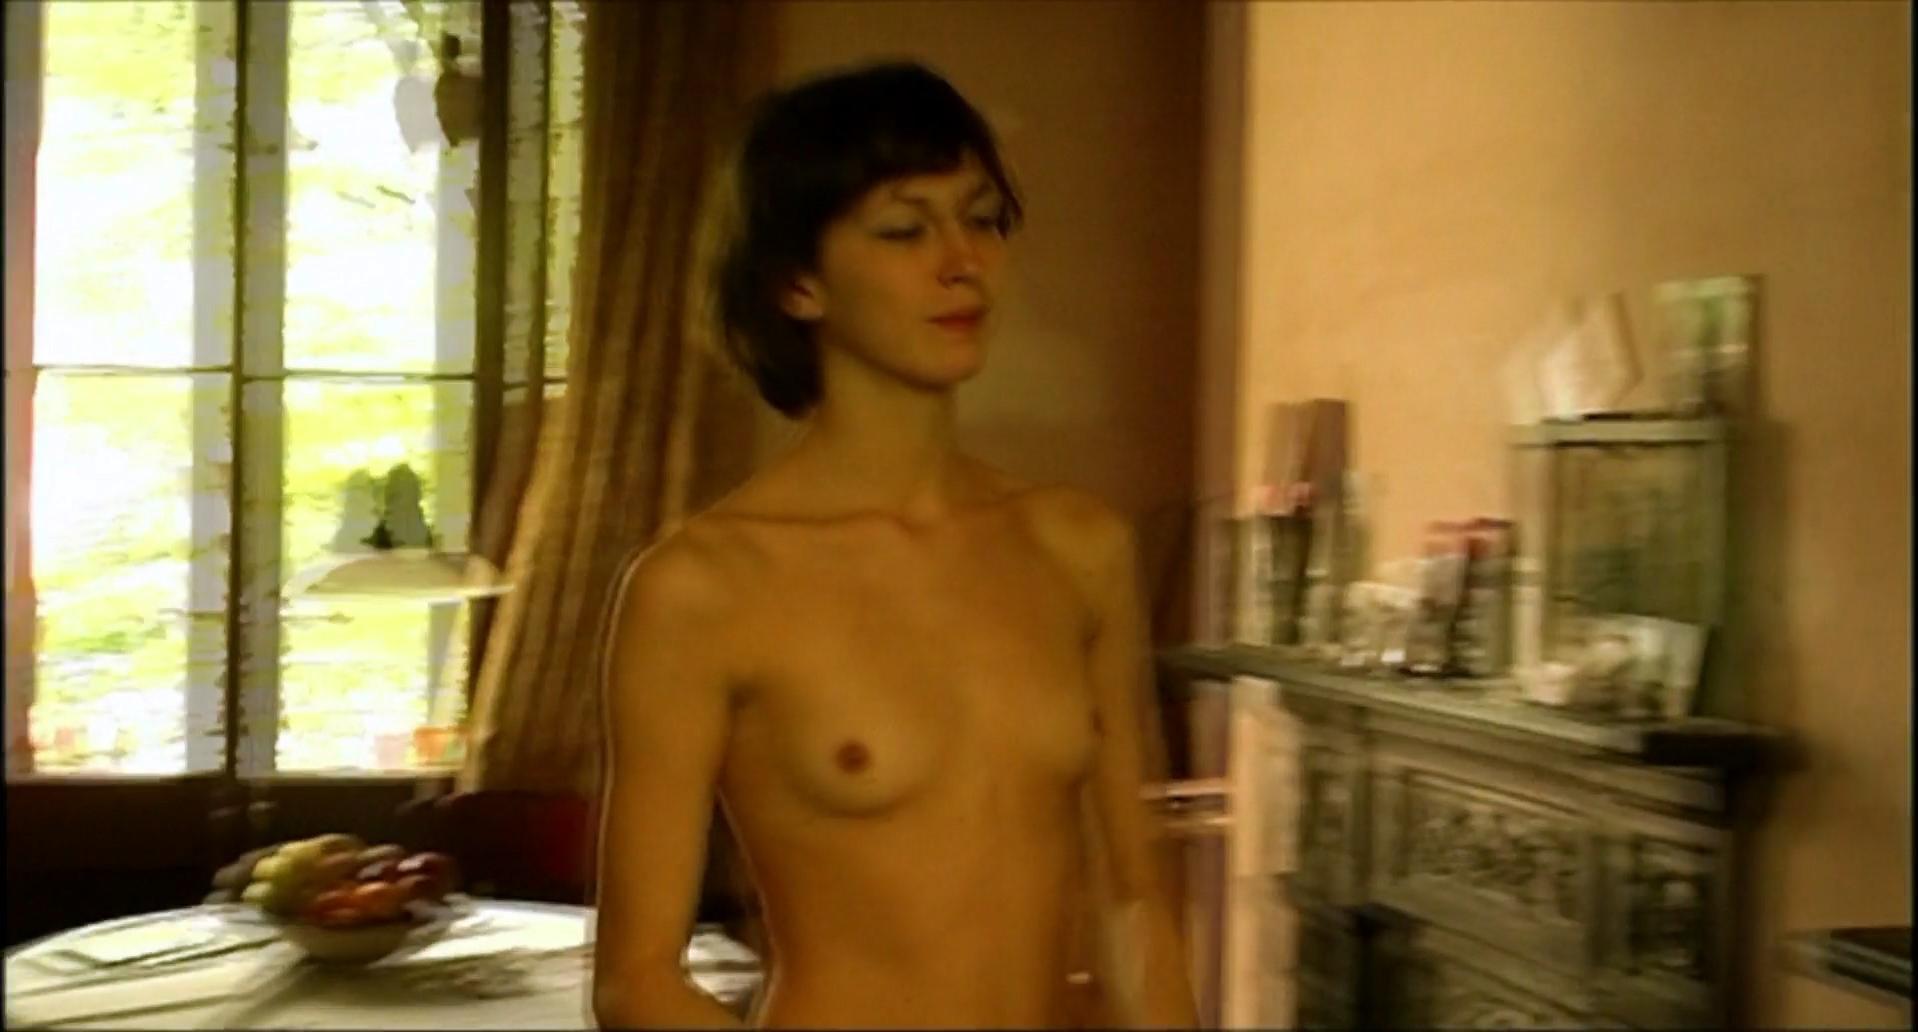 Margo stilley nude